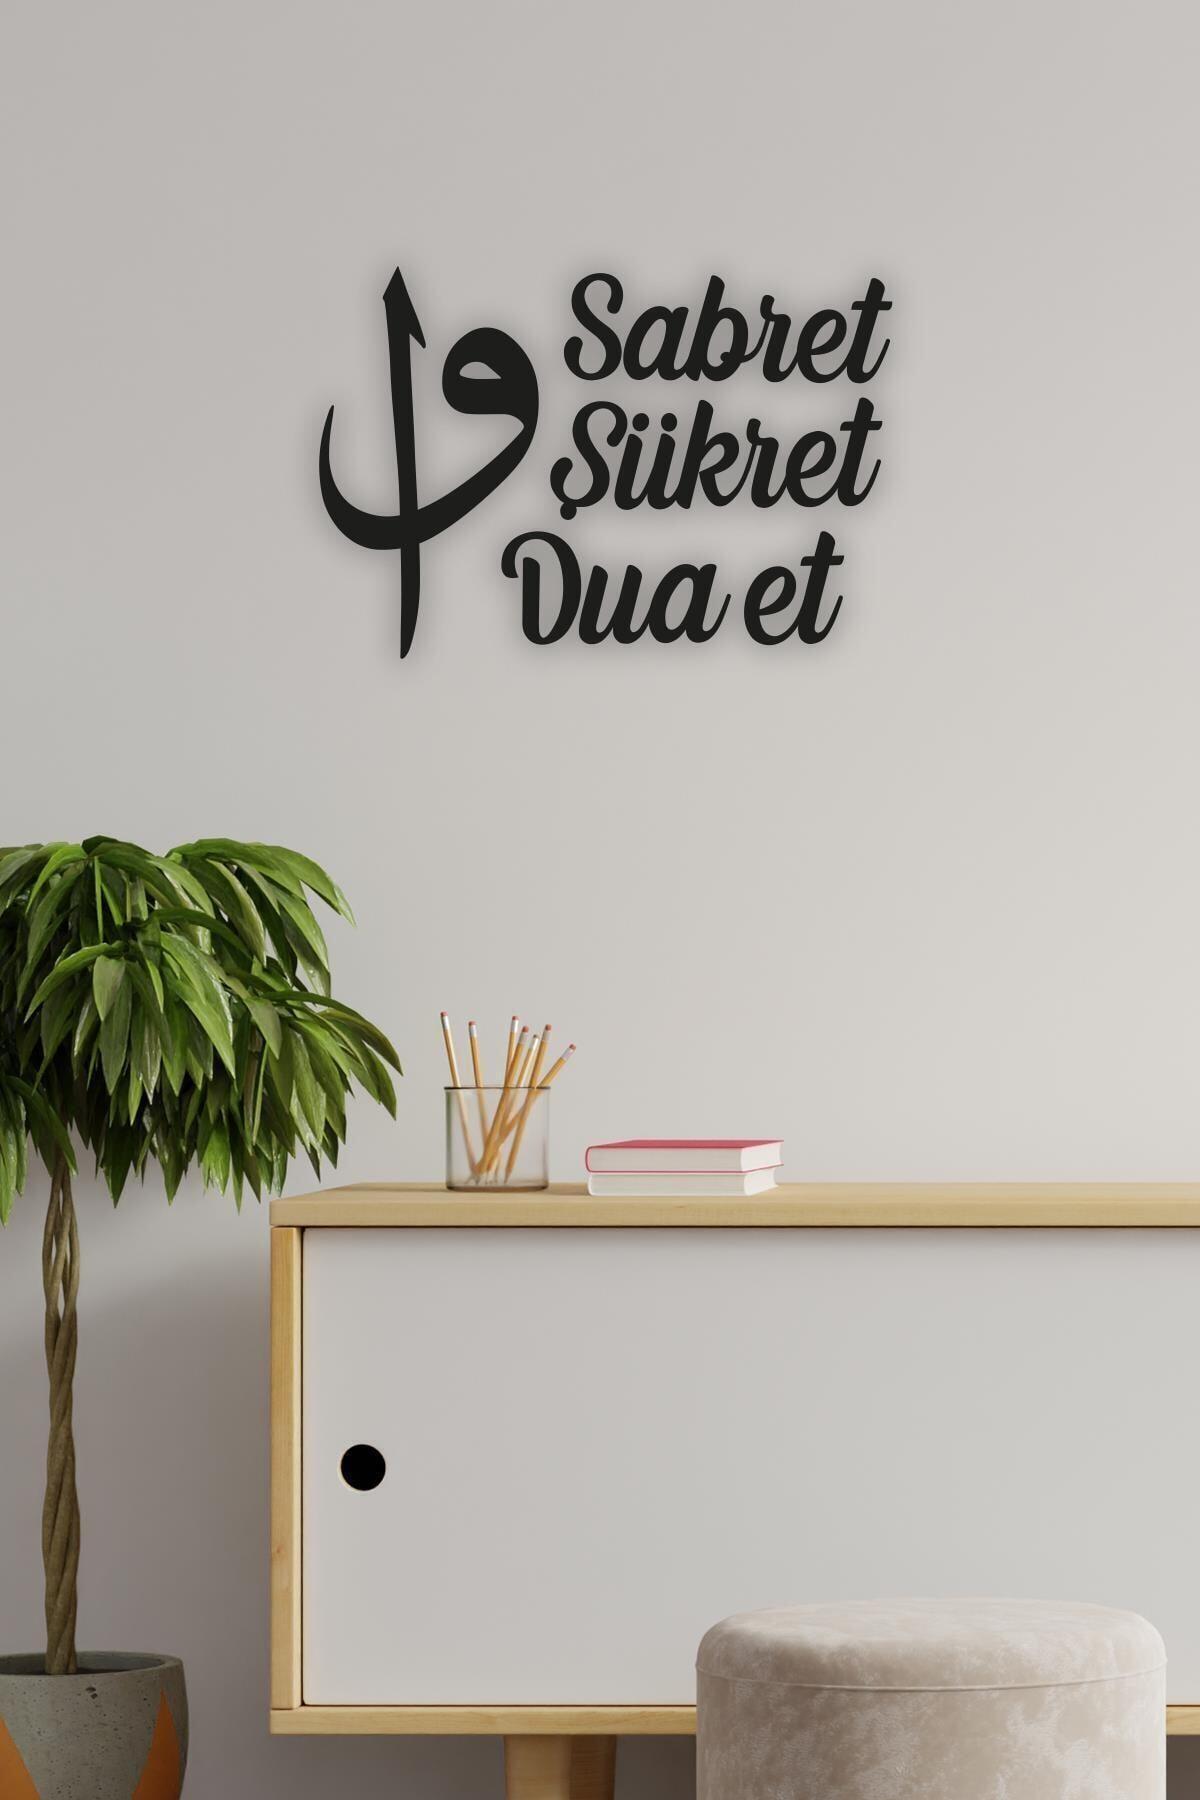 Mor Designer Lazer Kesim Duvar Dekoru Sabret Şükret Dua Et Elif 1